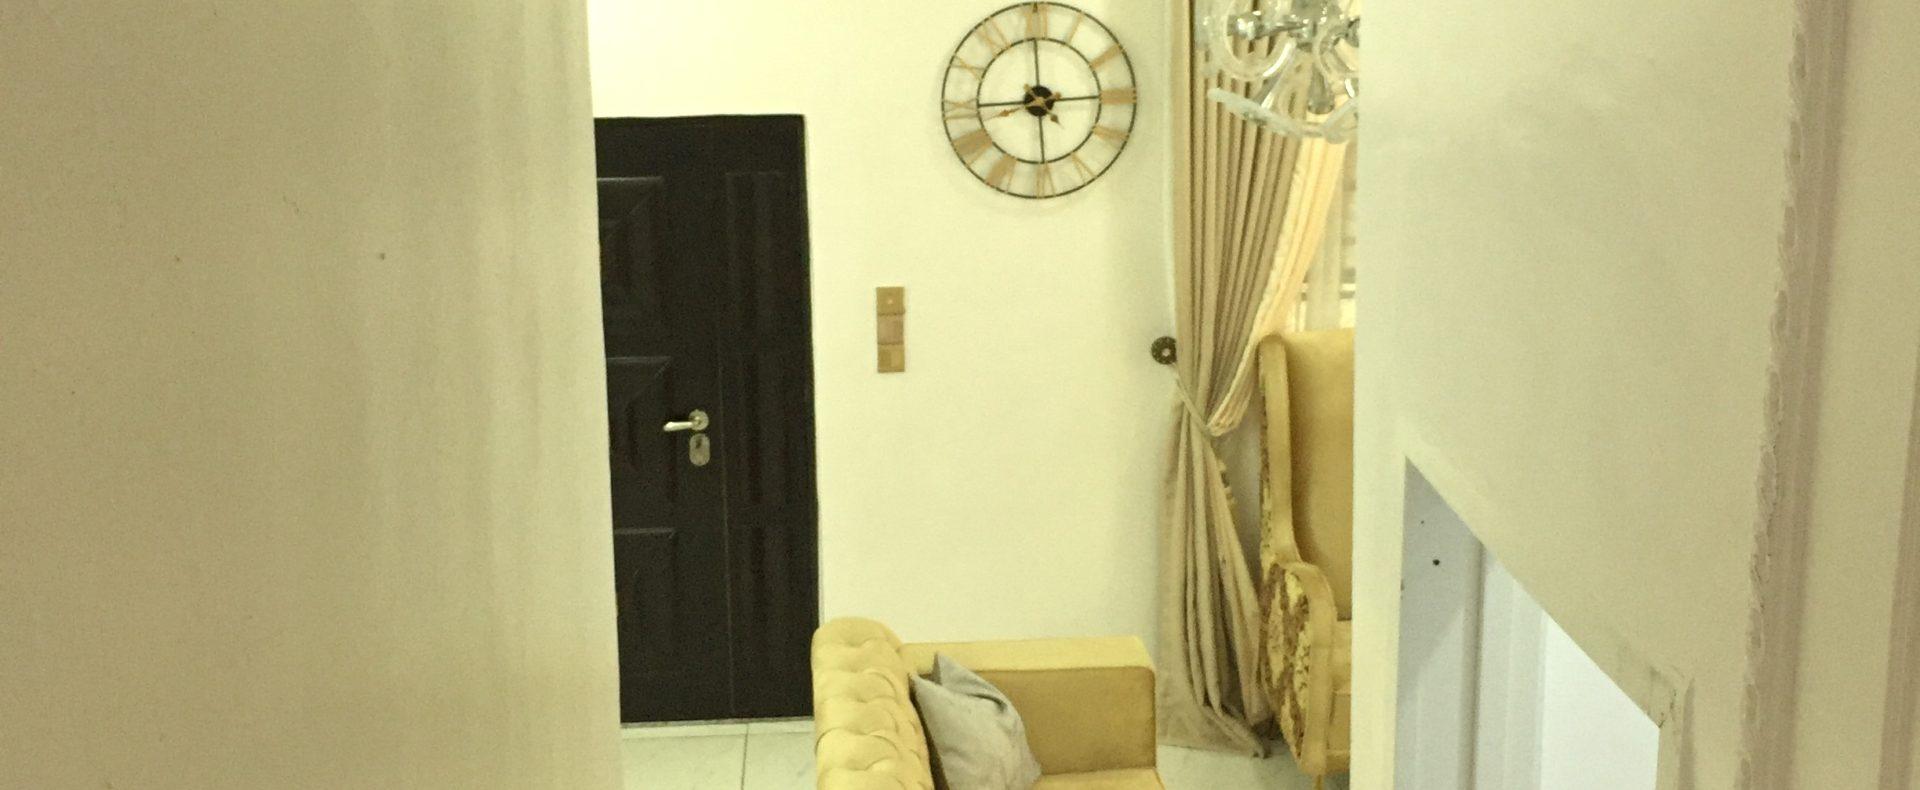 Ene S Lovely 4 Bedroom Apartment